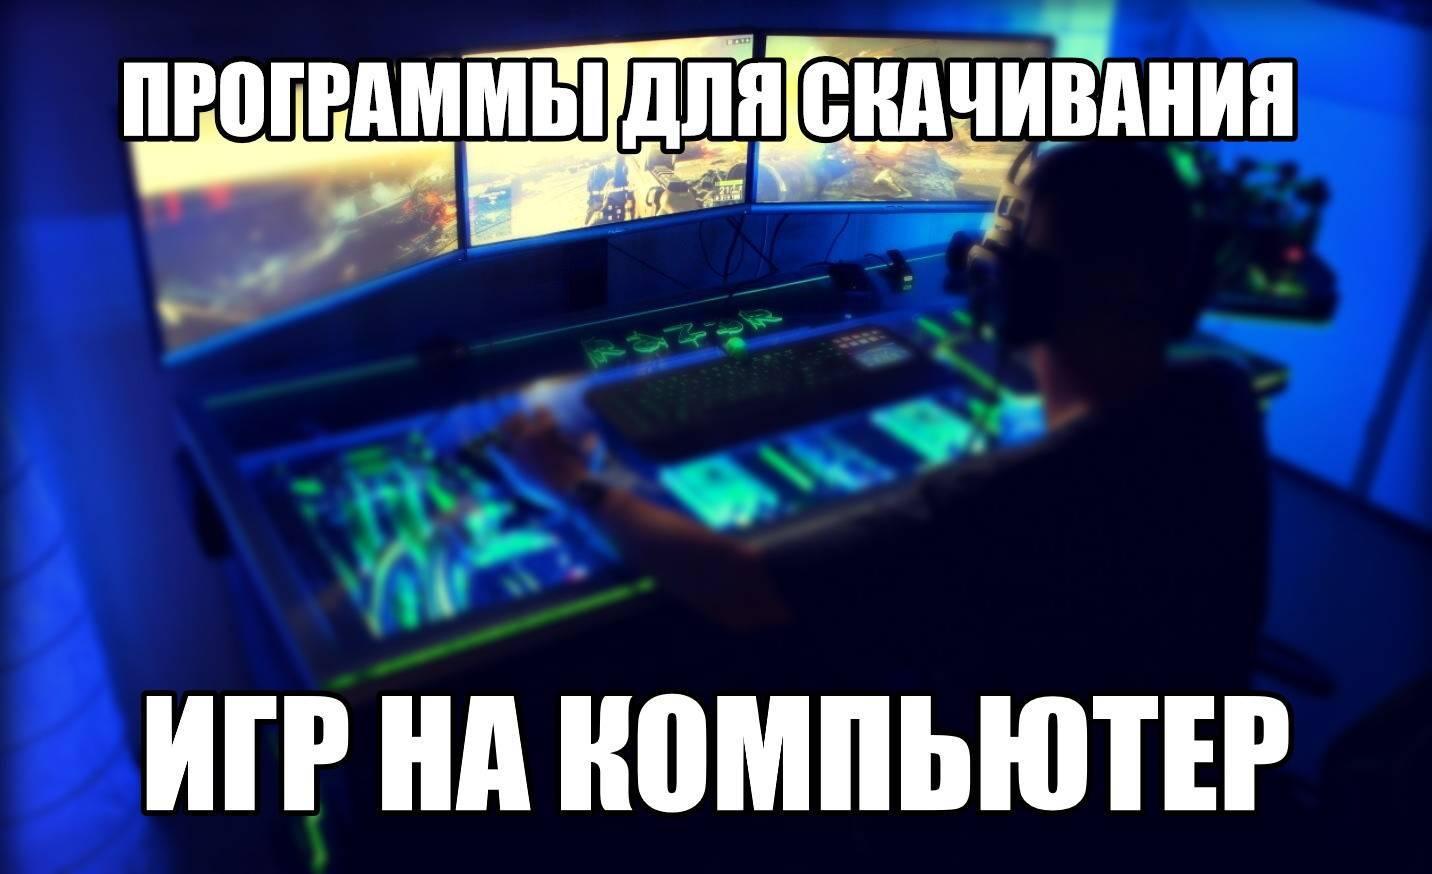 programmy-dlya-skachivaniya-igr-na-kompyter.jpg